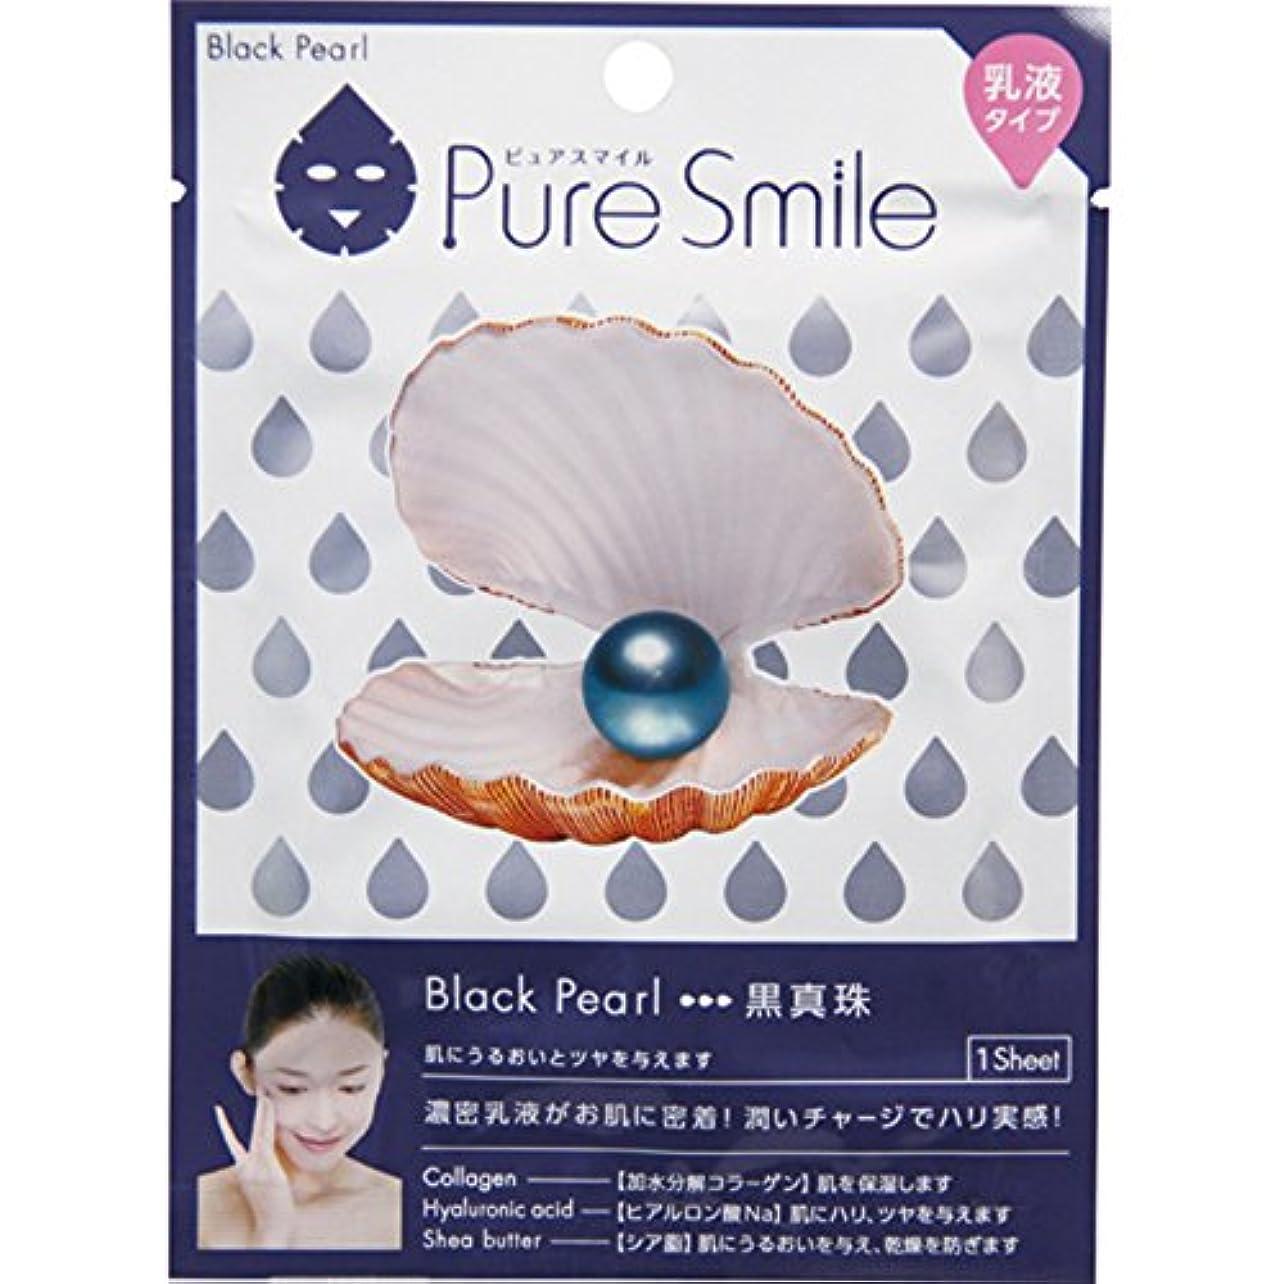 飾る鉛モールス信号ピュアスマイル 乳液エッセンスマスク 黒真珠 1枚【5個セット】